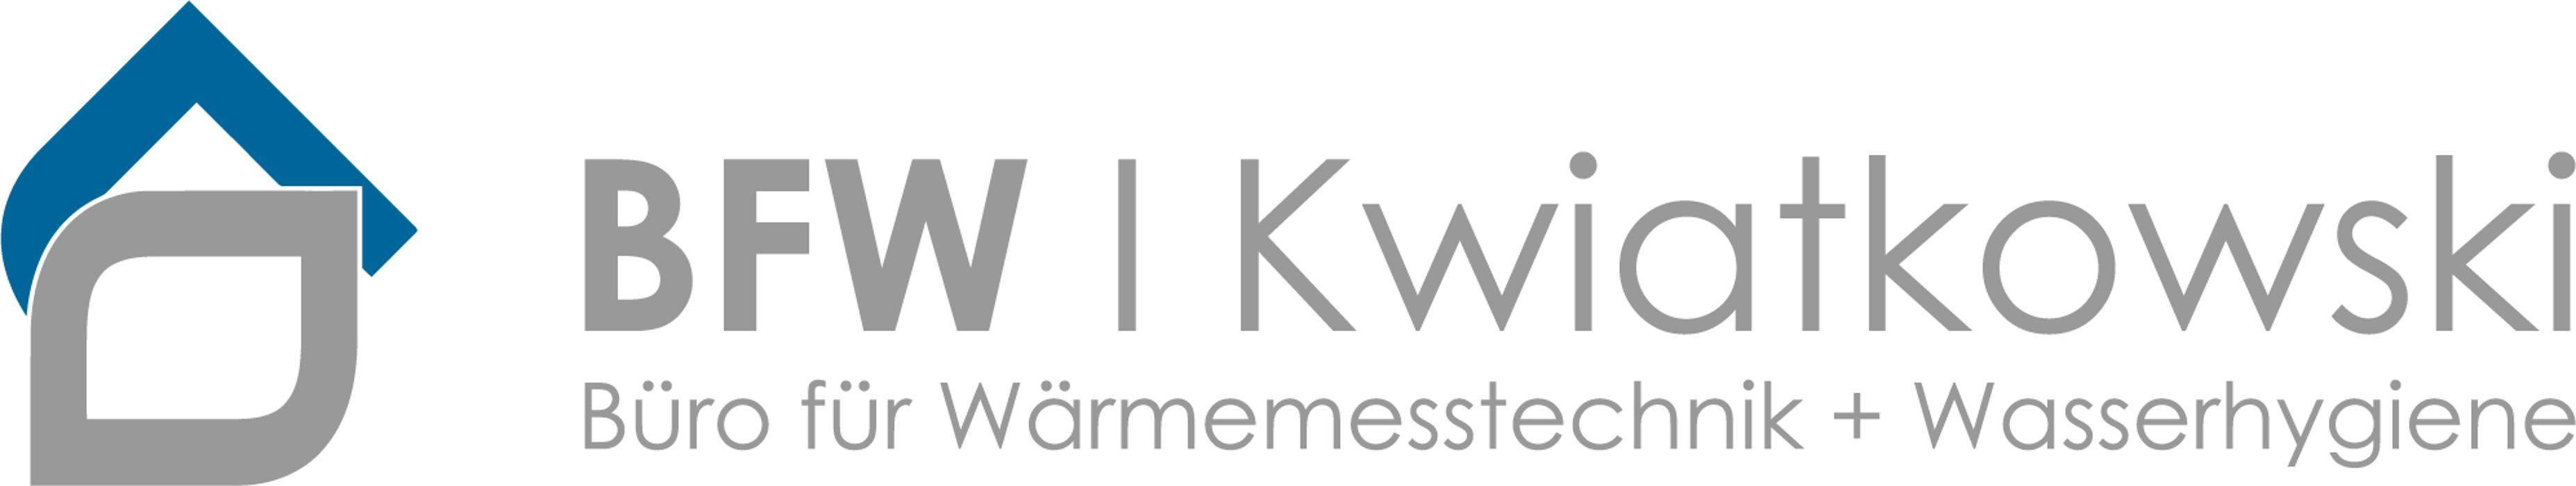 Bild zu Büro für Wärmemesstechnik + Wasserhygiene Inh. Uwe Kwiatkowski in Türkheim Wertach